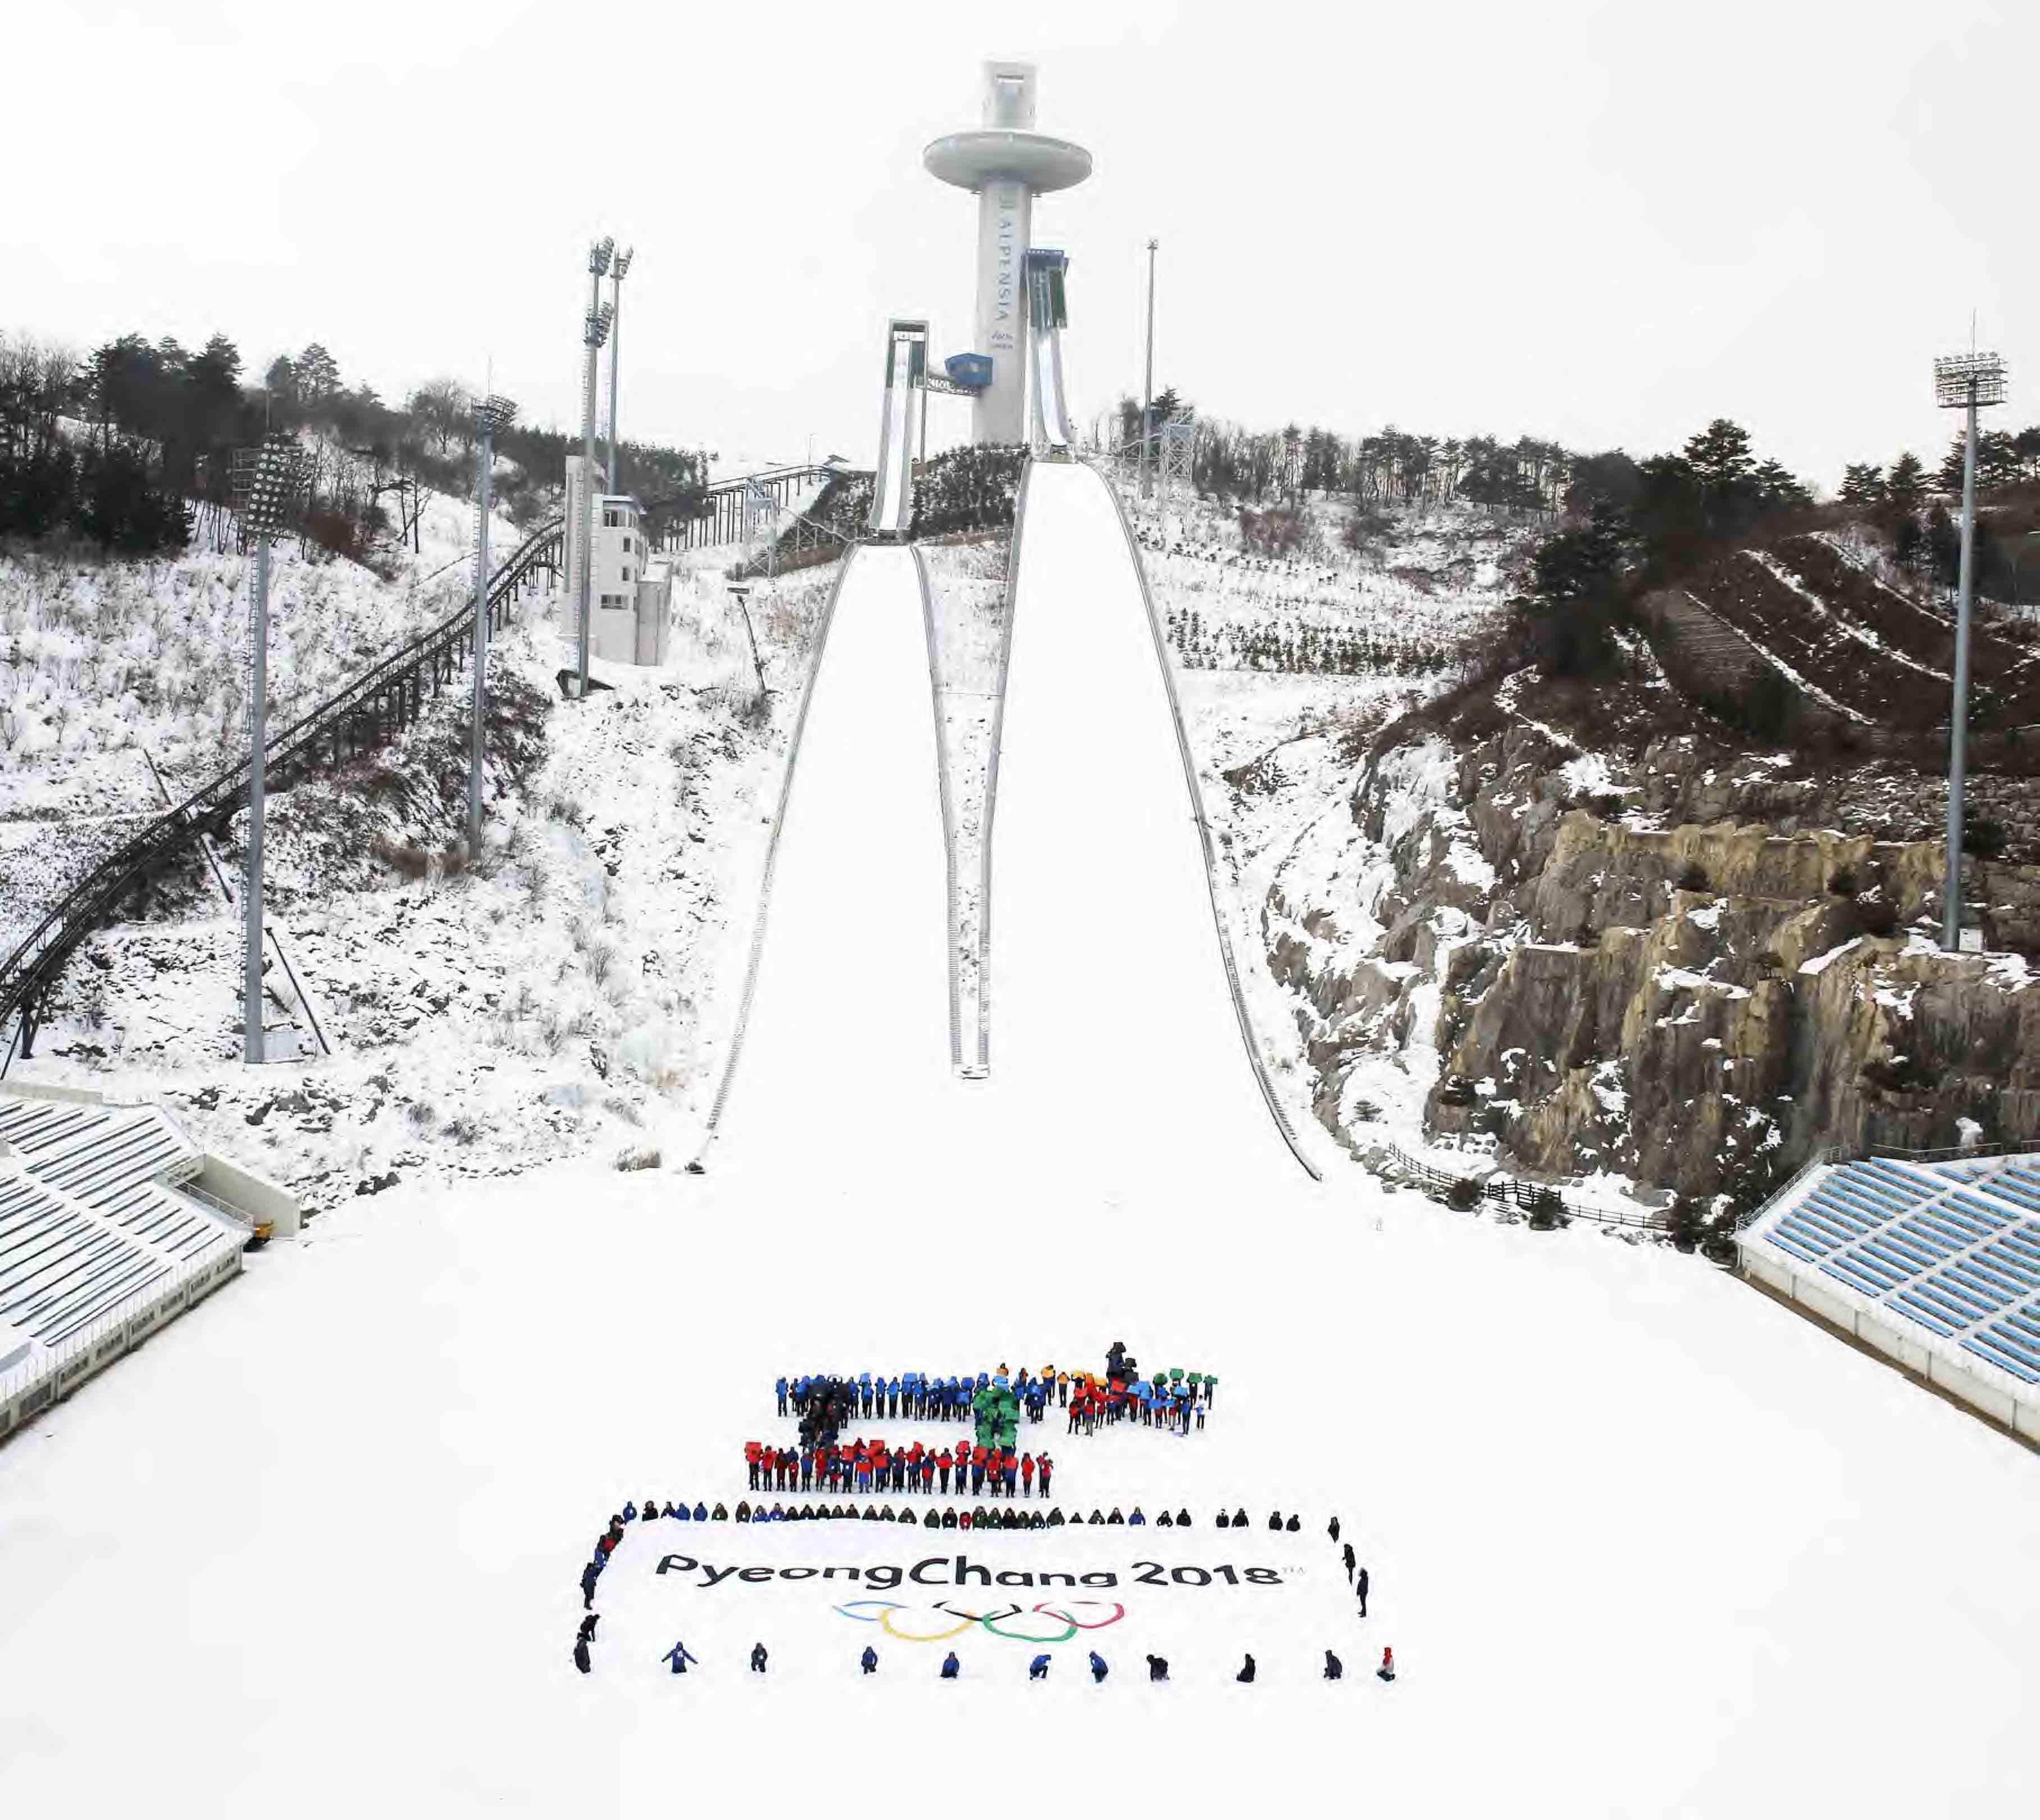 Pyeongchang 2018 has held three years to go celebrations ©Pyeongchang 2018